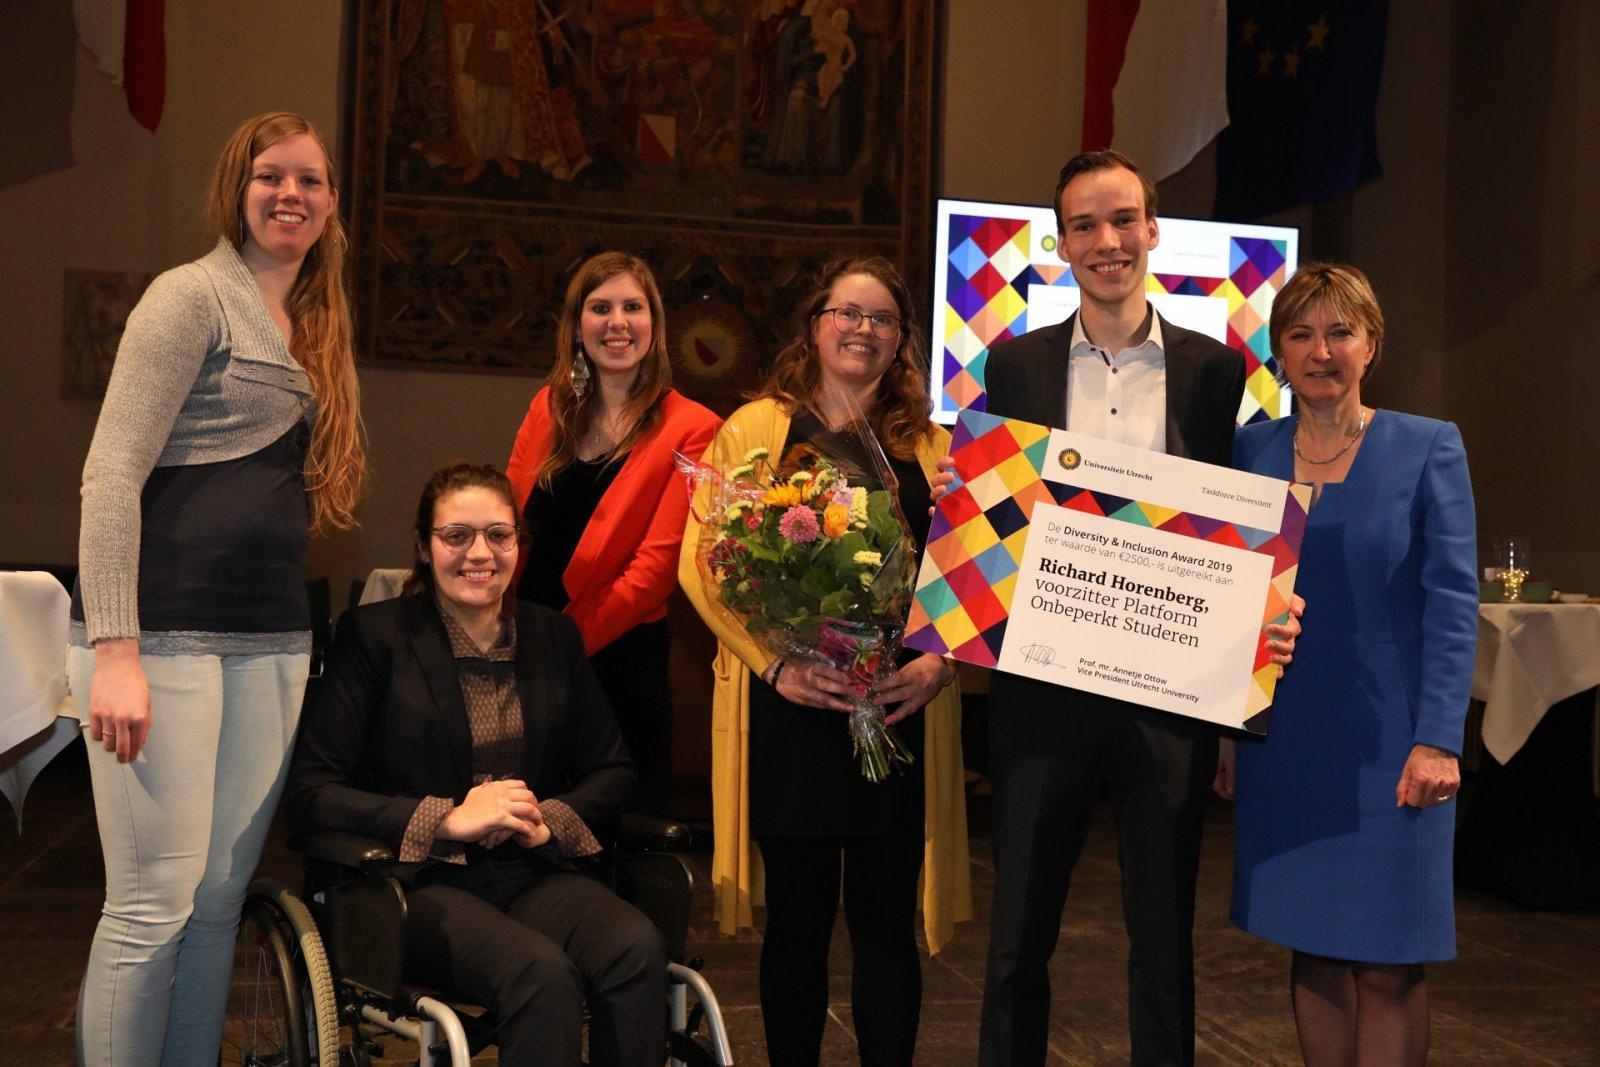 Platform Onbeperkt Studeren en vicevoorzitter Annetje Ottow tijdens de uitreiking van de Diversity & Inclusion Award 2019